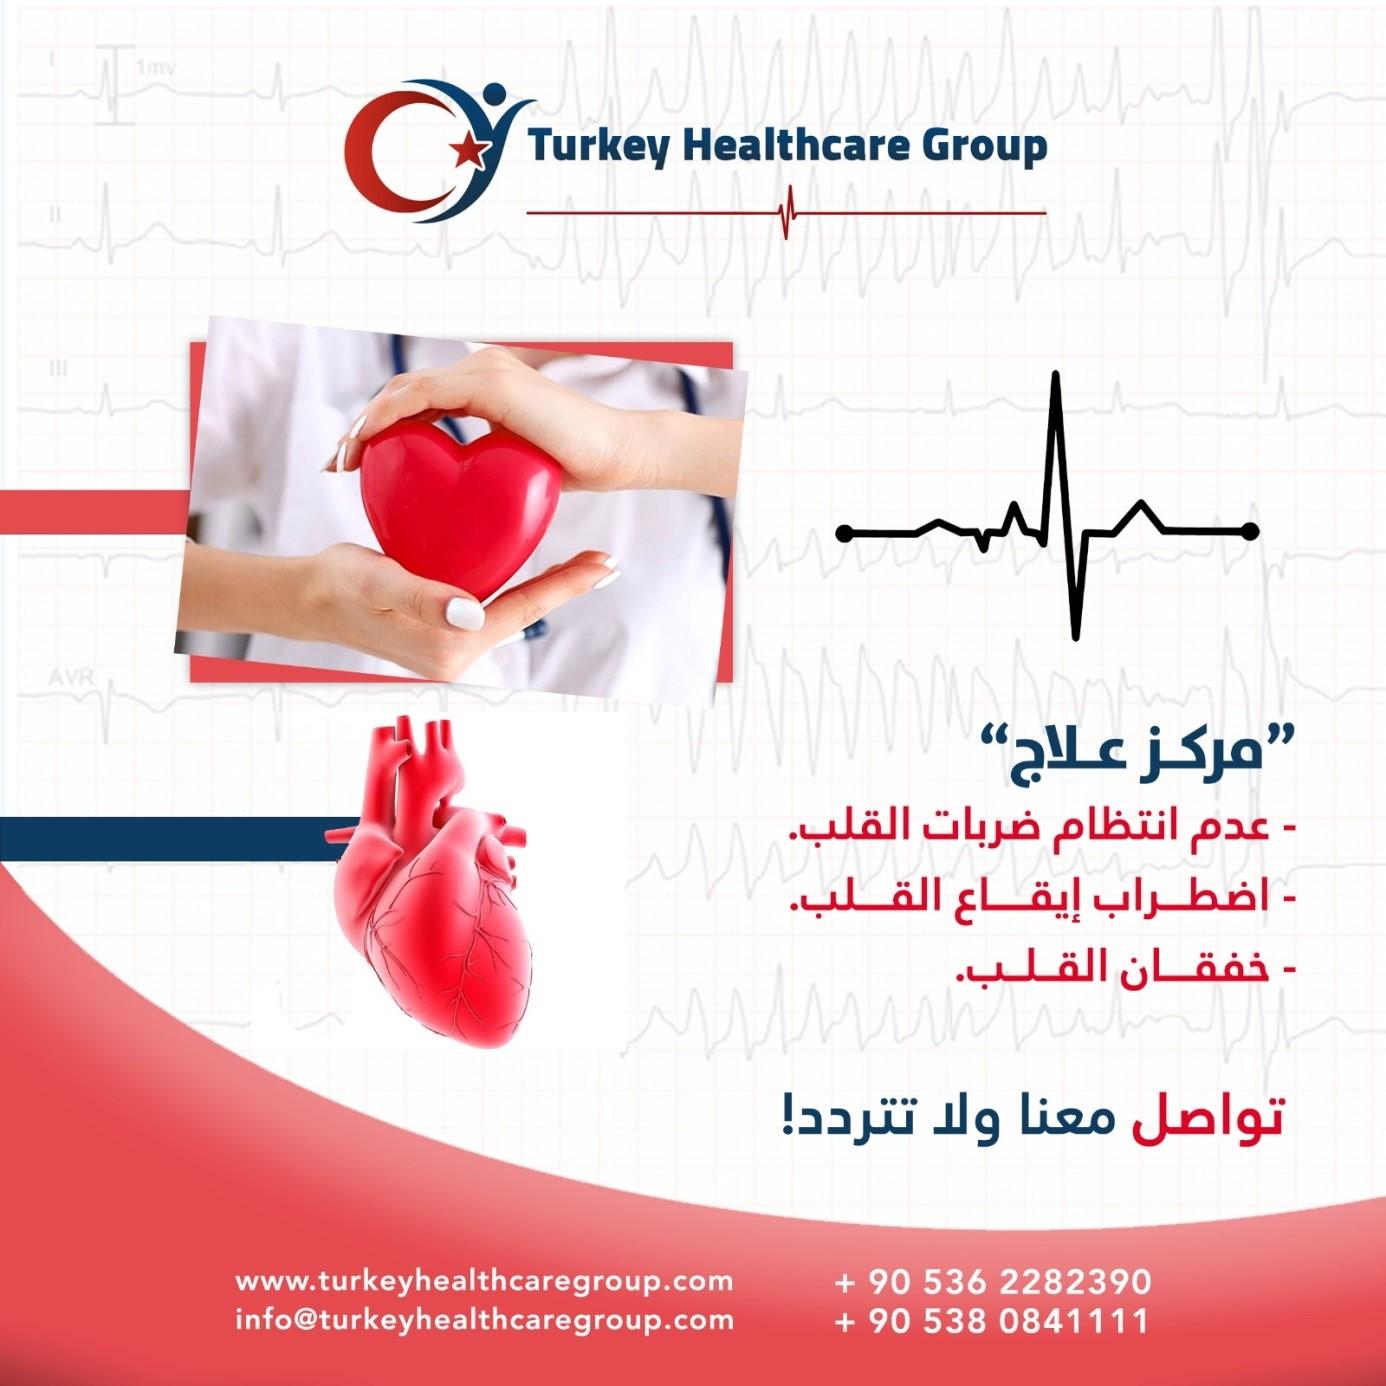 مركز علاج عدم انتظام ضربات القلب